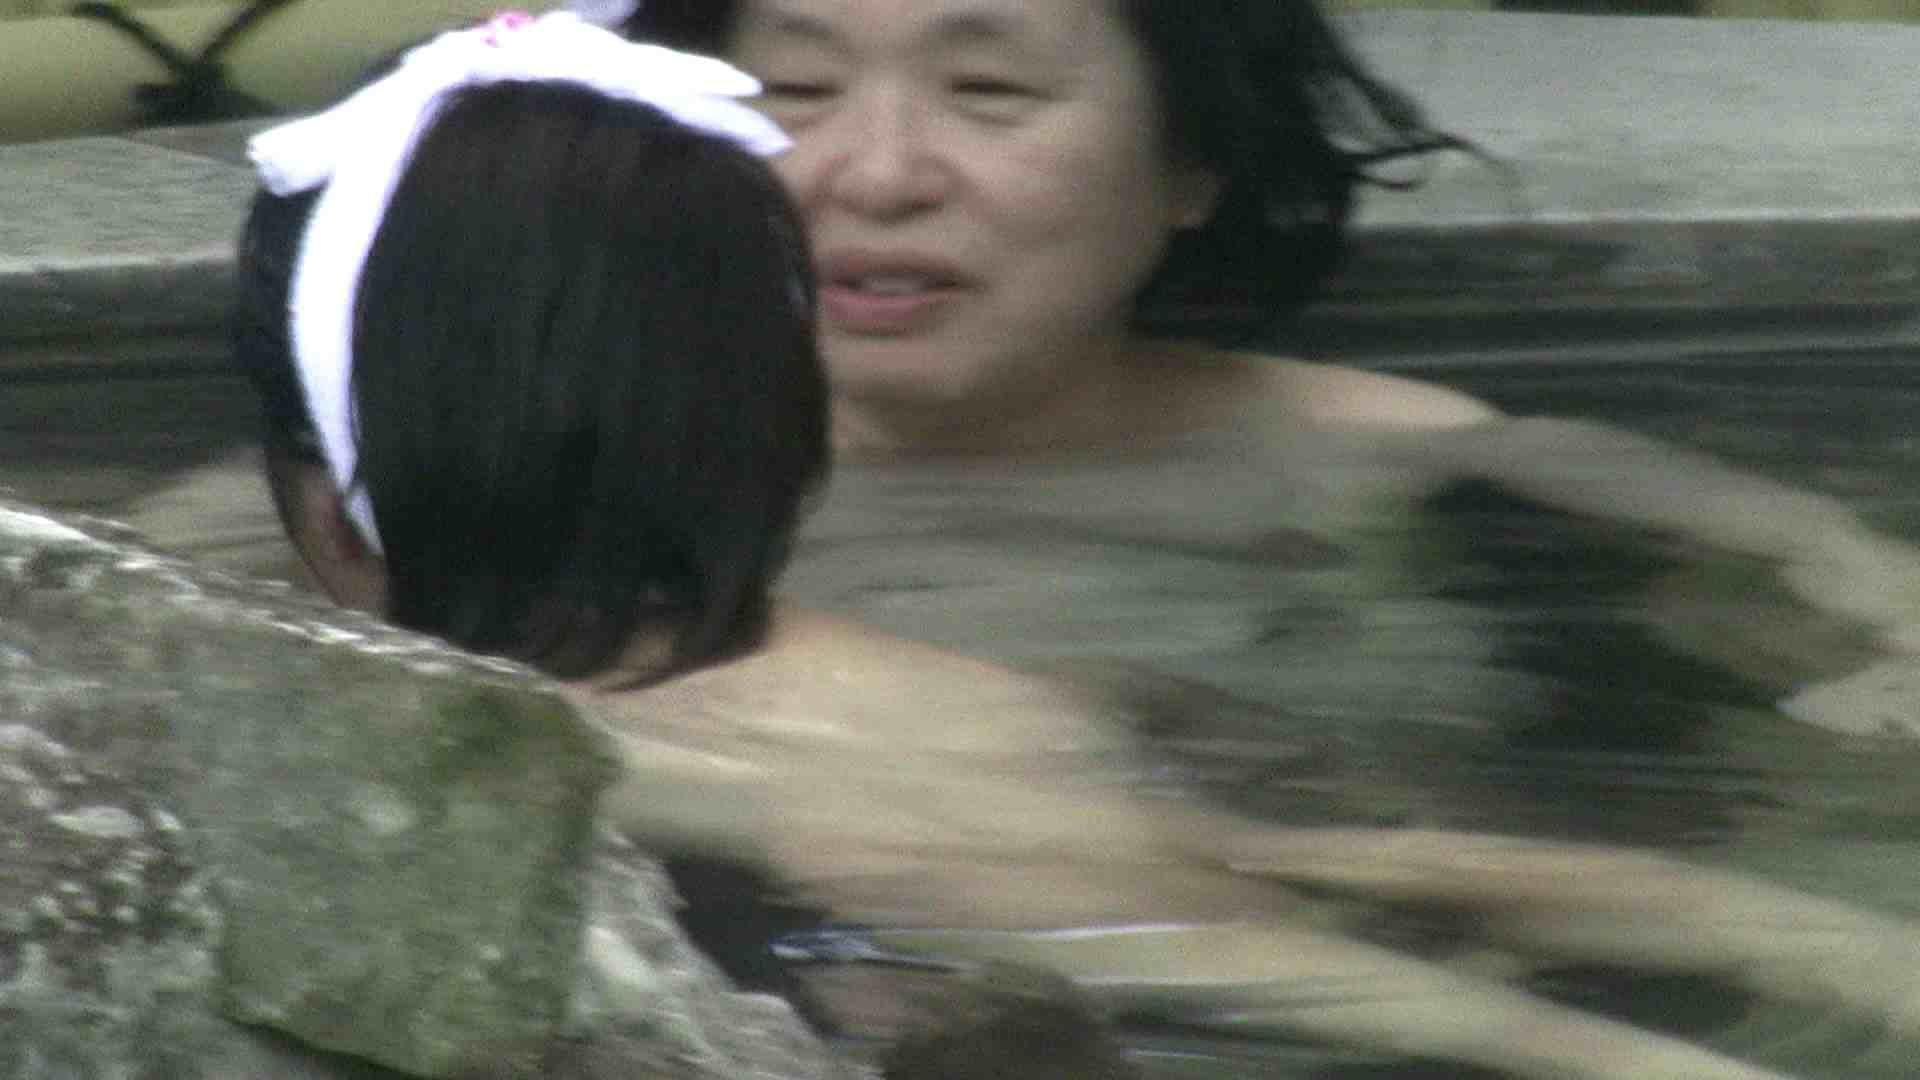 Aquaな露天風呂Vol.179 OLエロ画像  78PICs 51